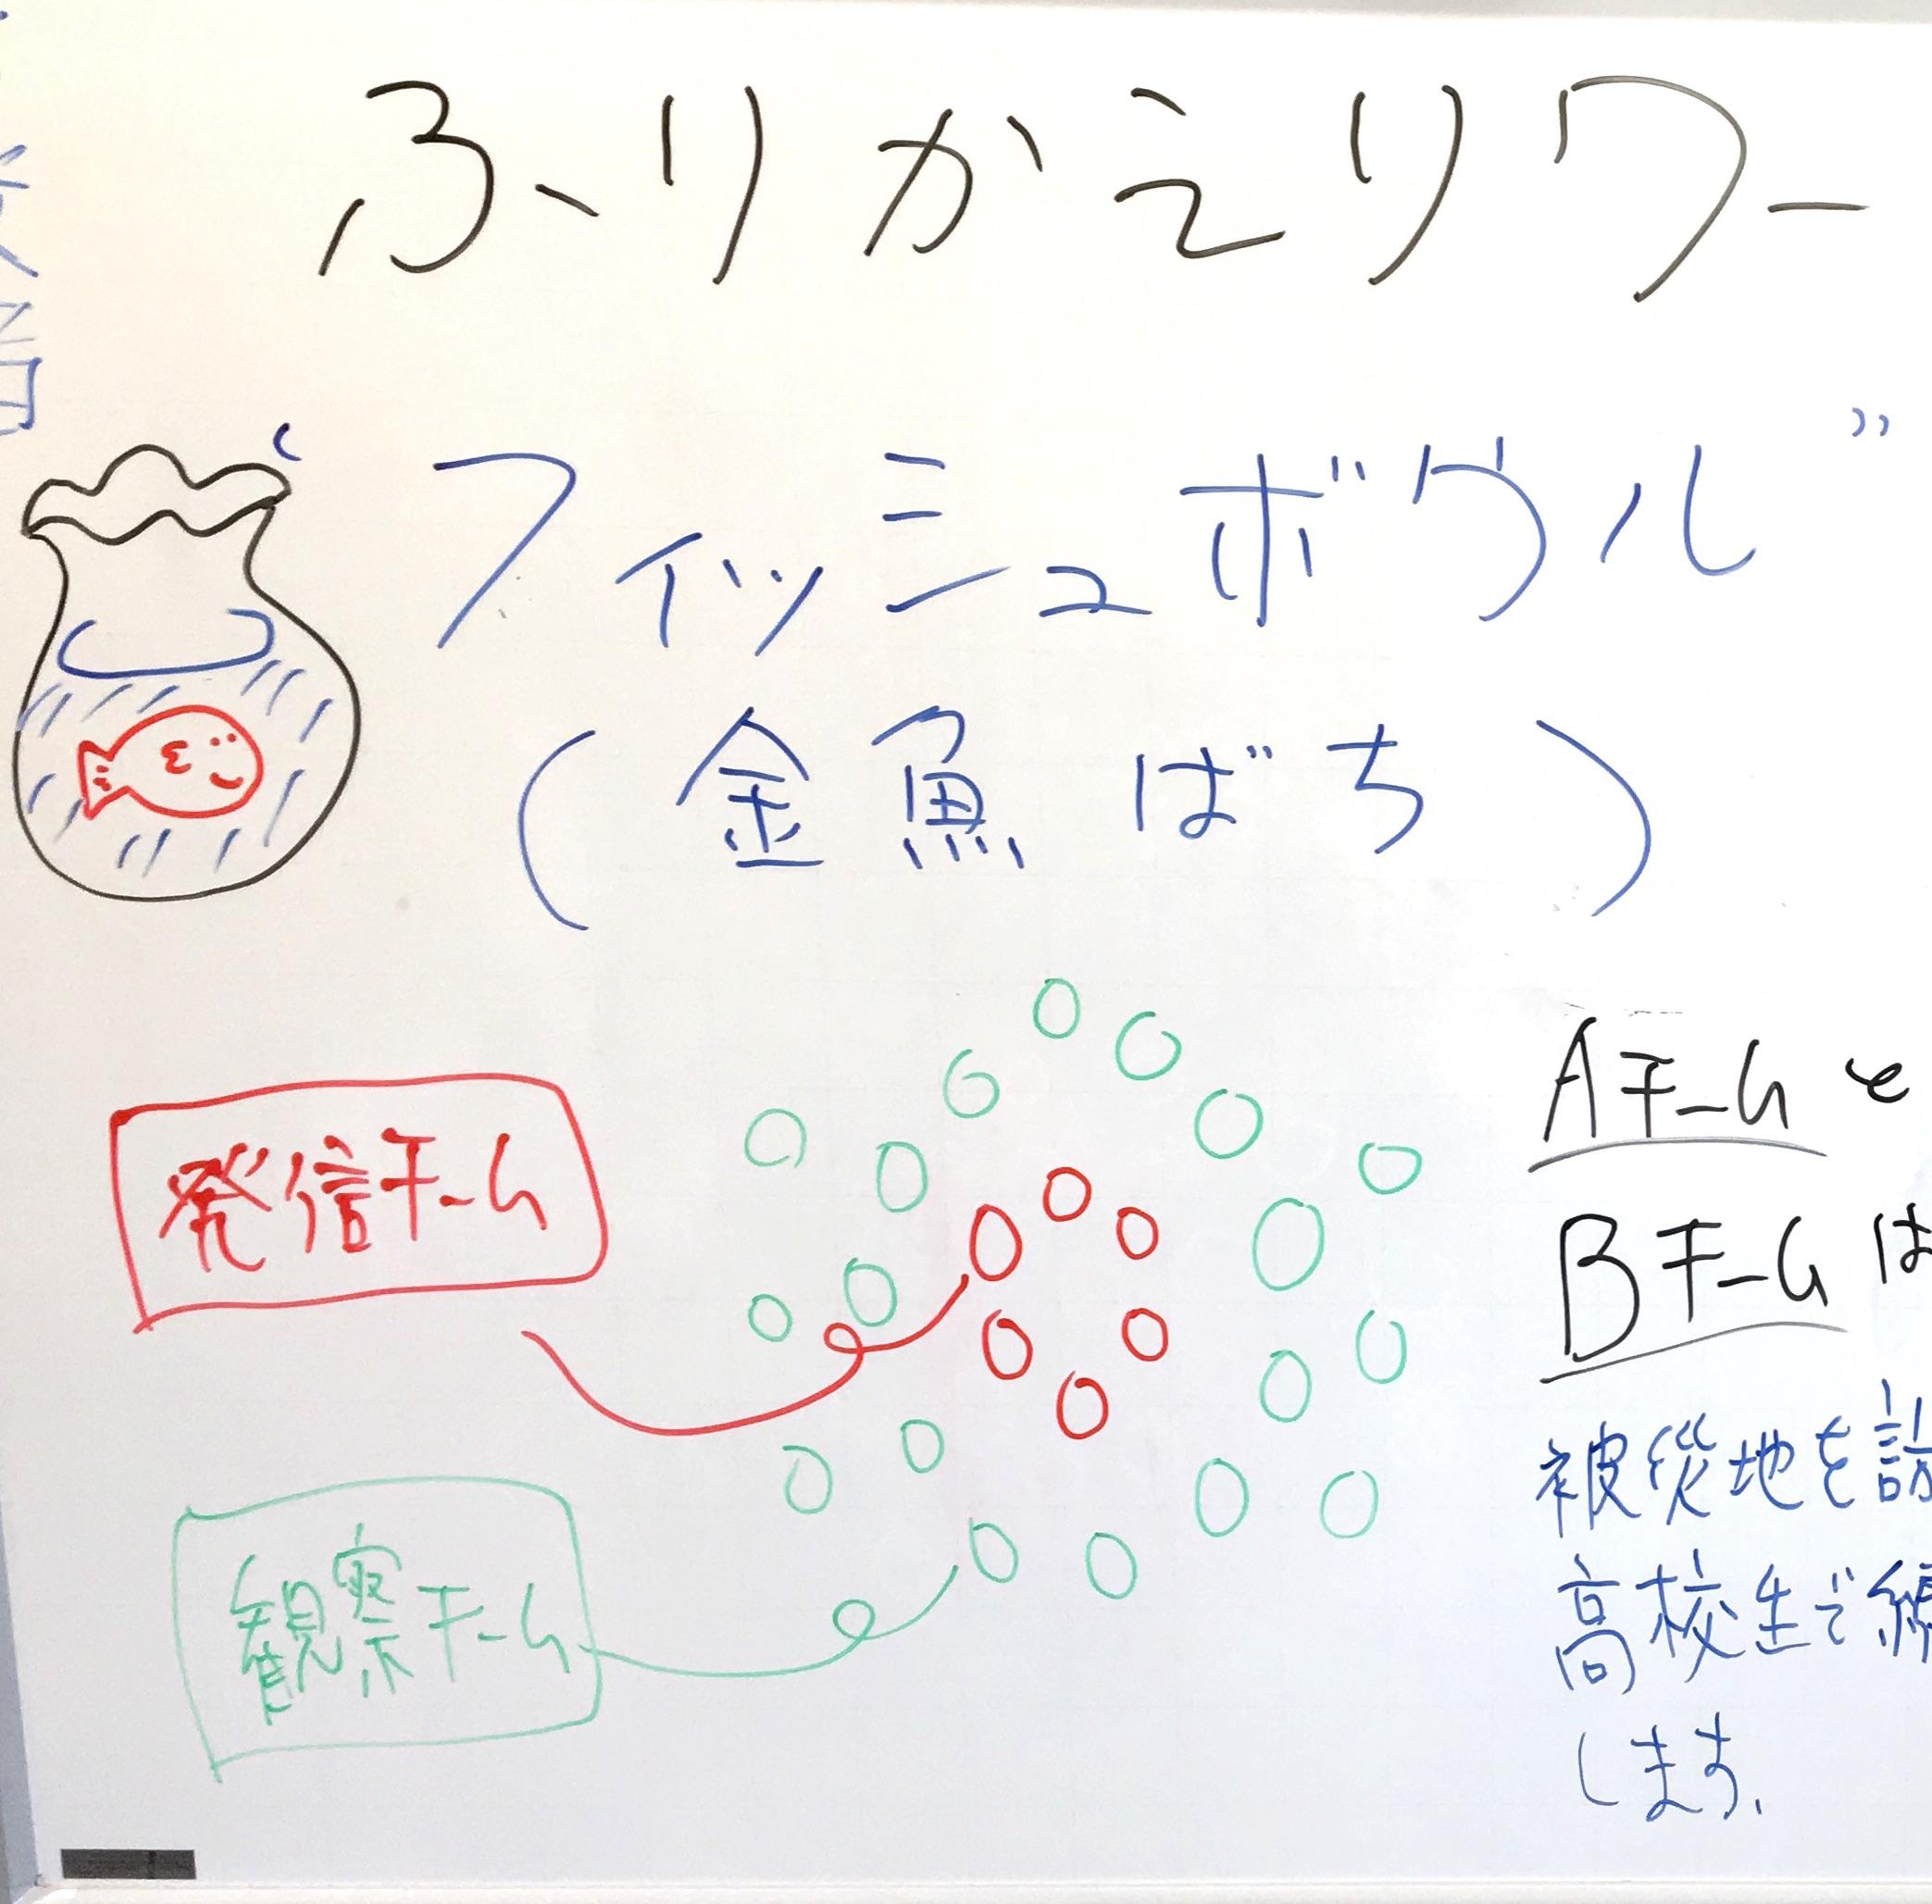 逗子市高校生被災地派遣研修報告会「フィッシュボウル」でふりかえり